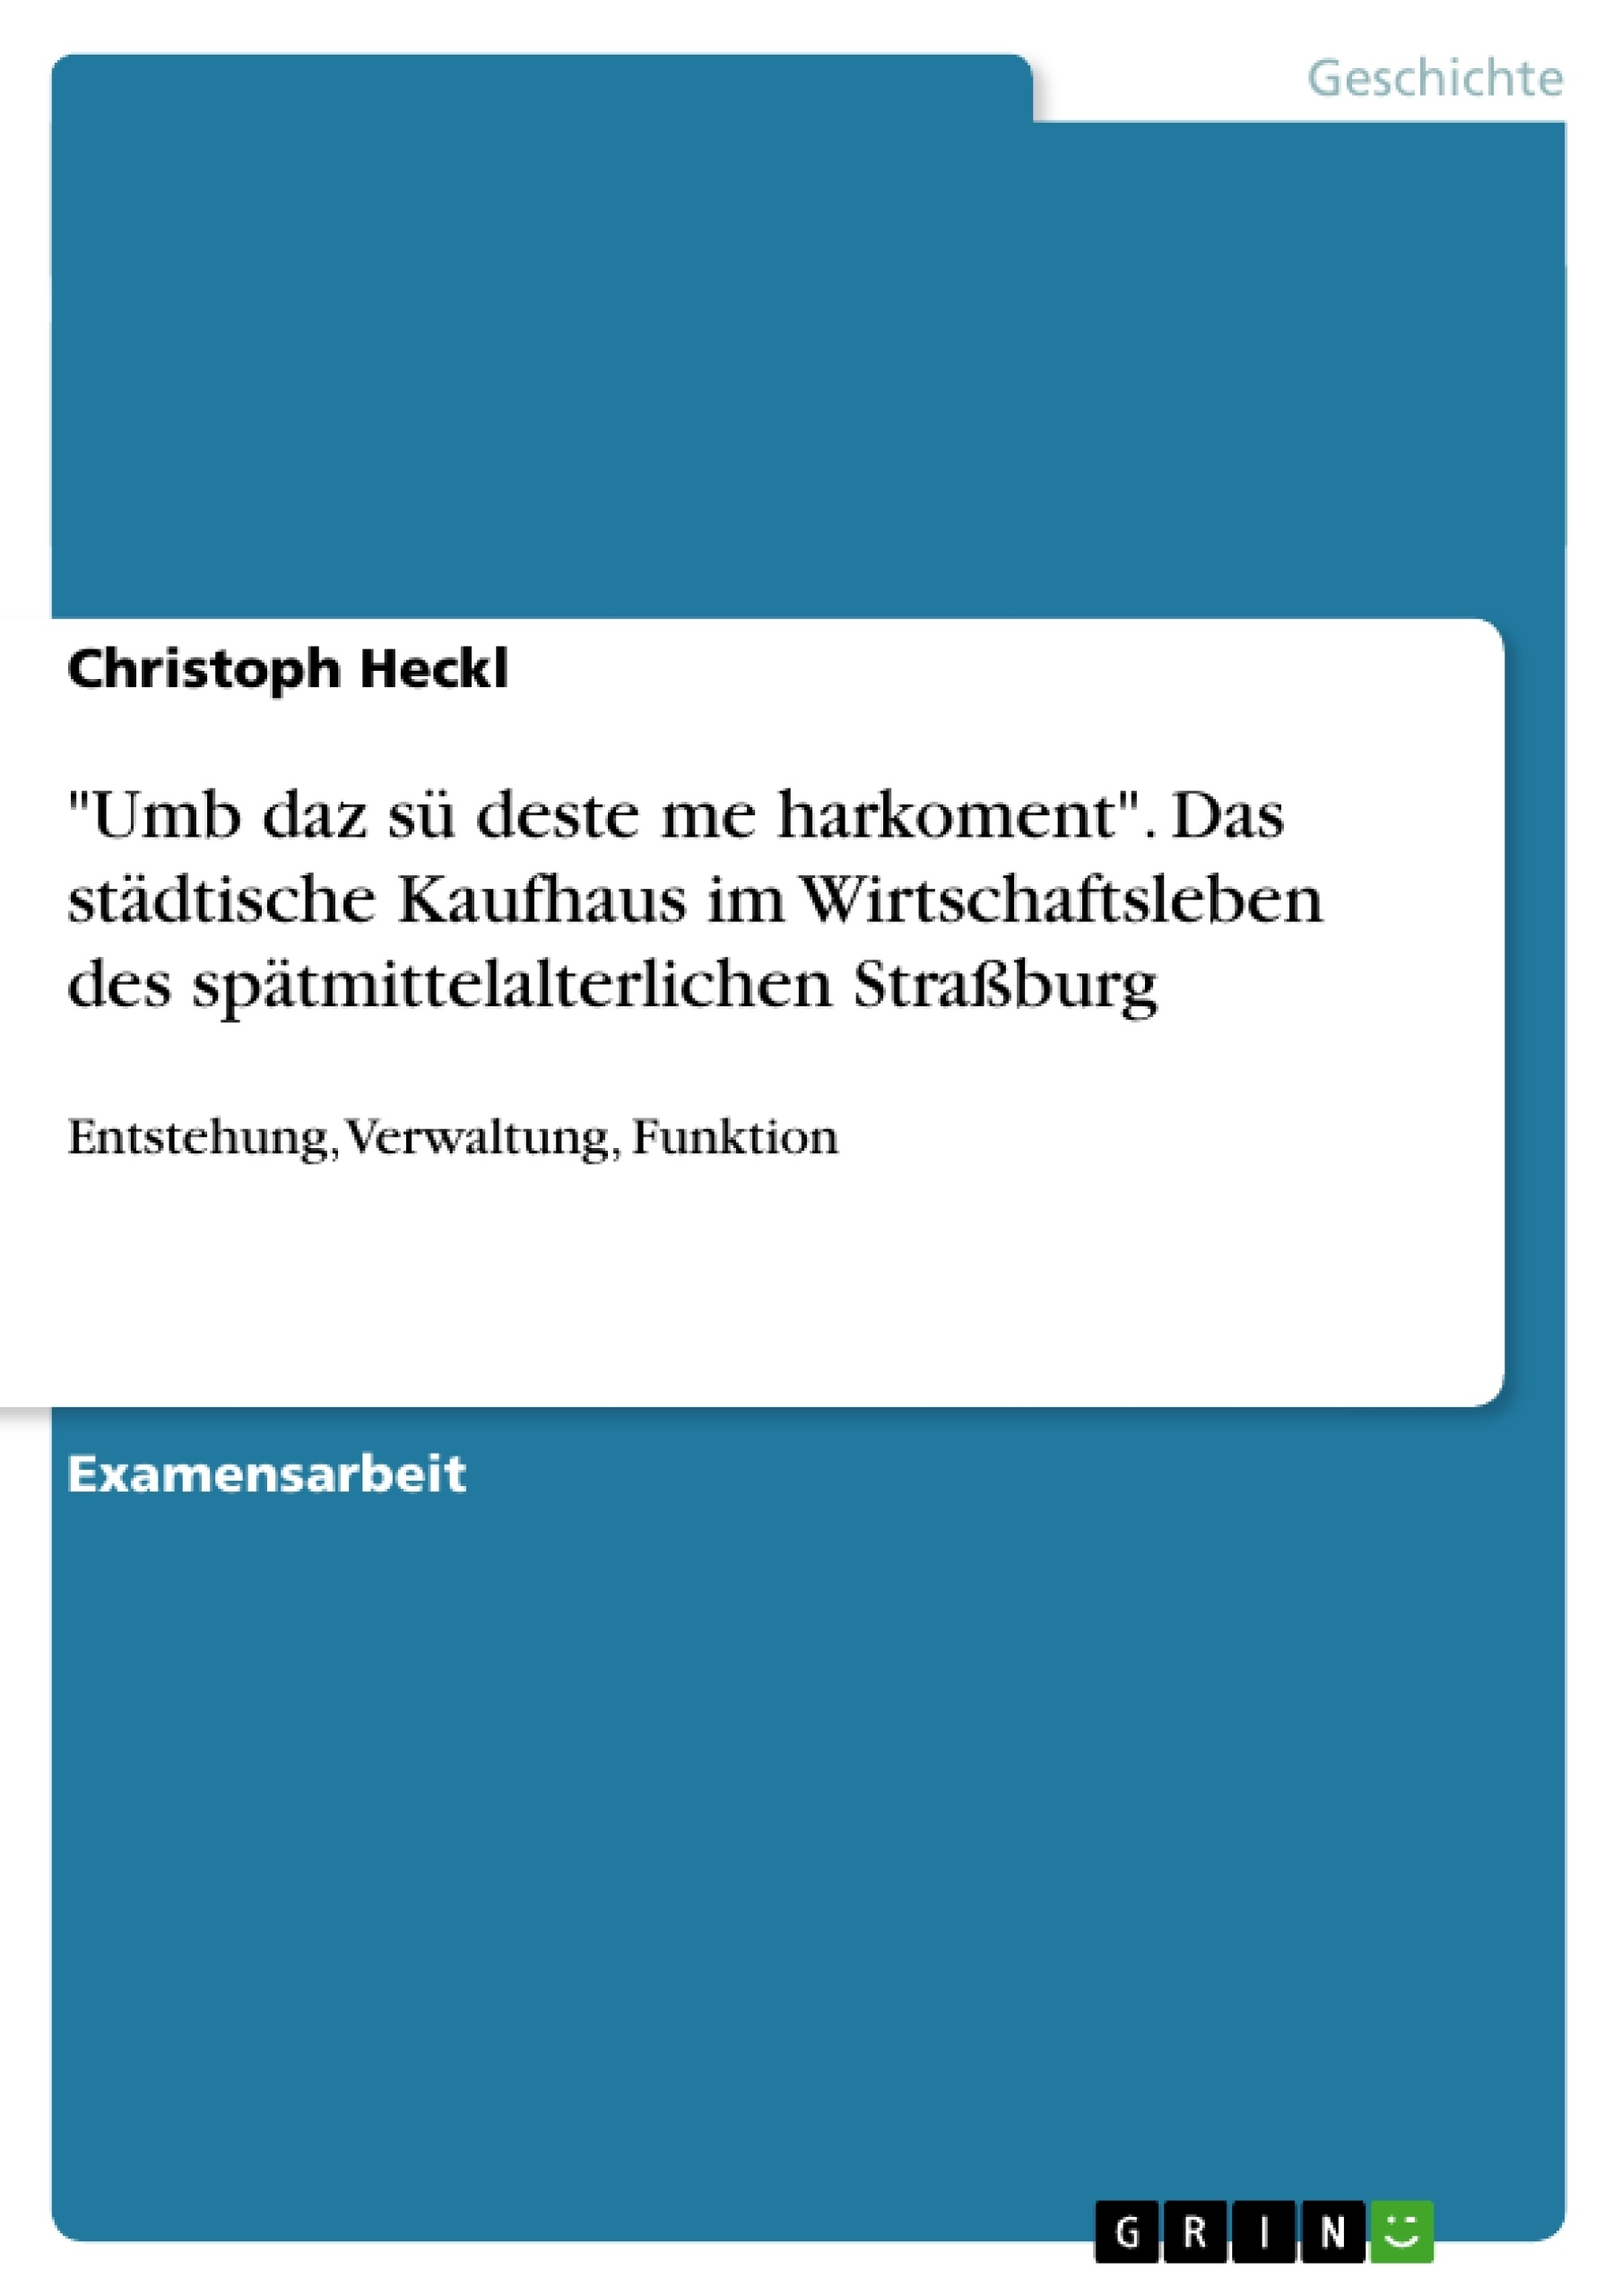 """Titel: """"Umb daz sü deste me harkoment"""". Das städtische Kaufhaus im Wirtschaftsleben des spätmittelalterlichen Straßburg"""